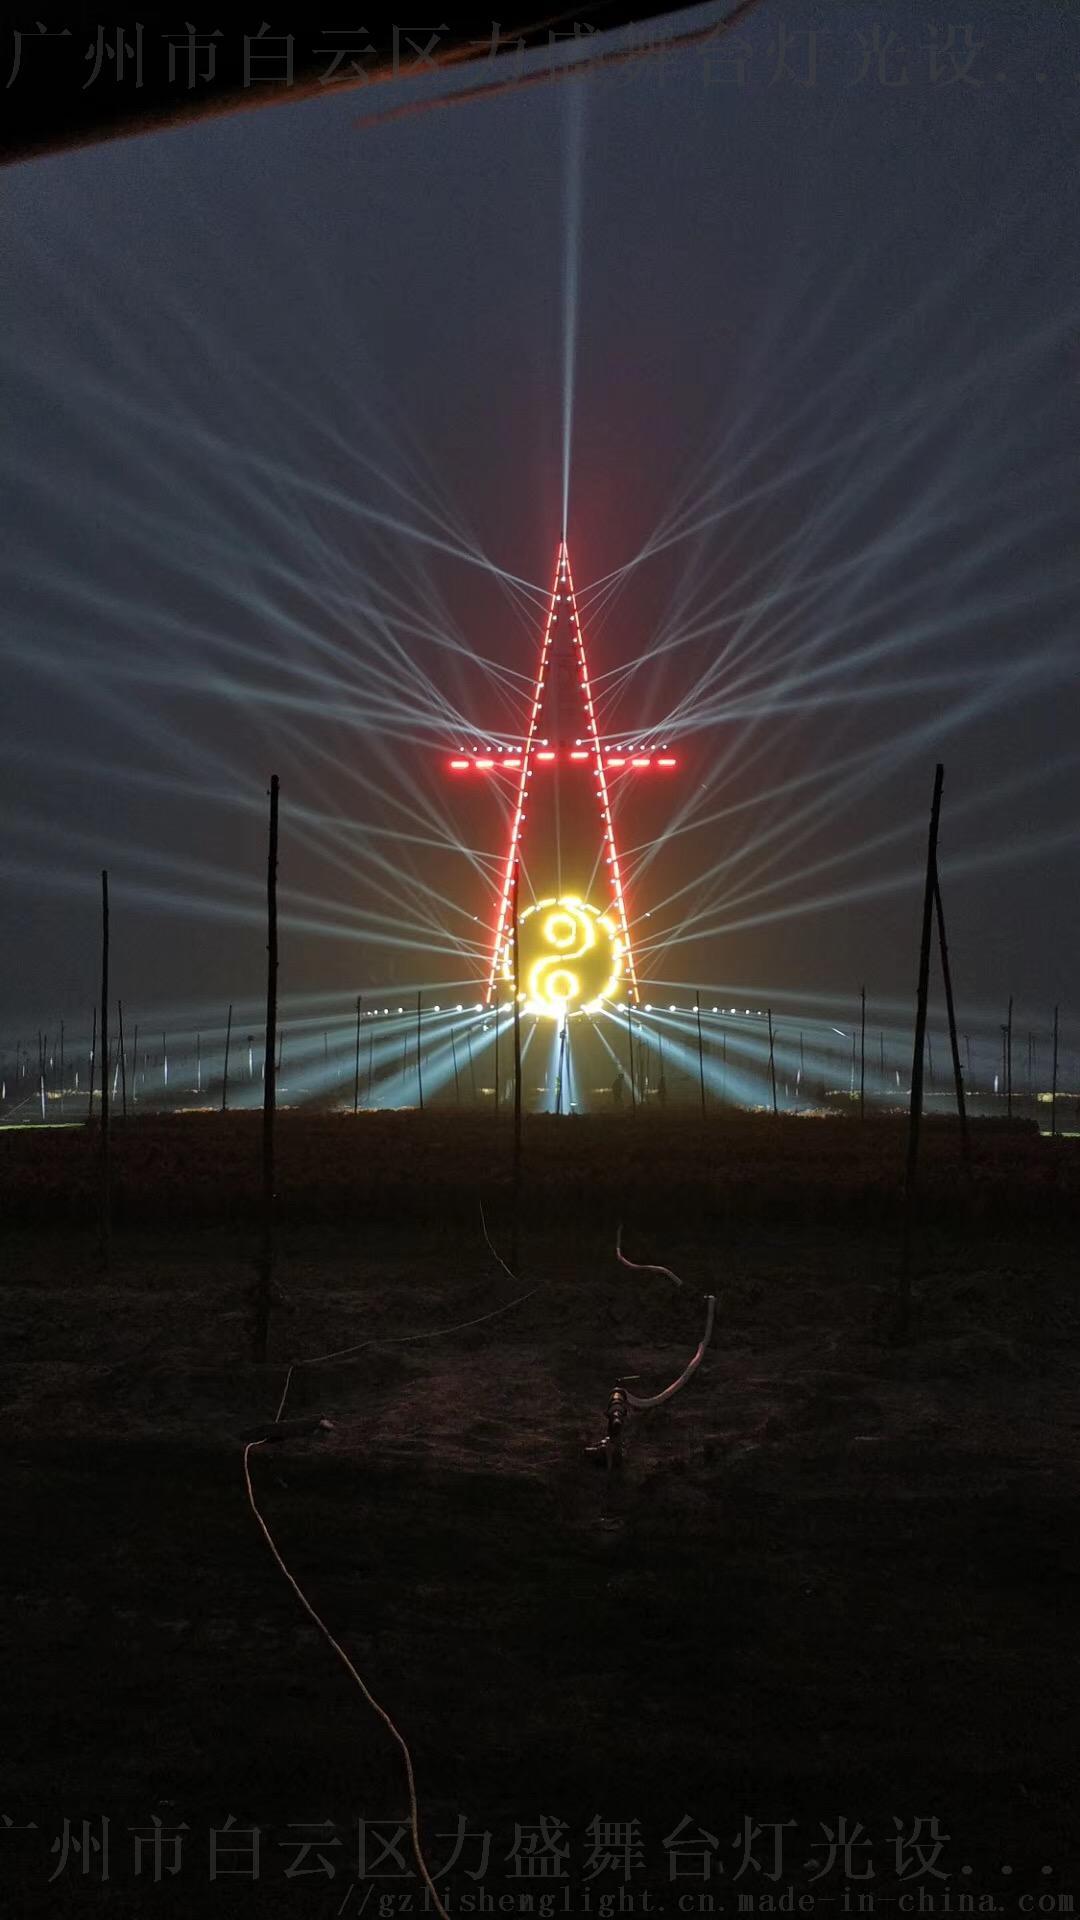 户外防水摇头光束灯 350w防水光束灯 空中玫瑰灯133799945